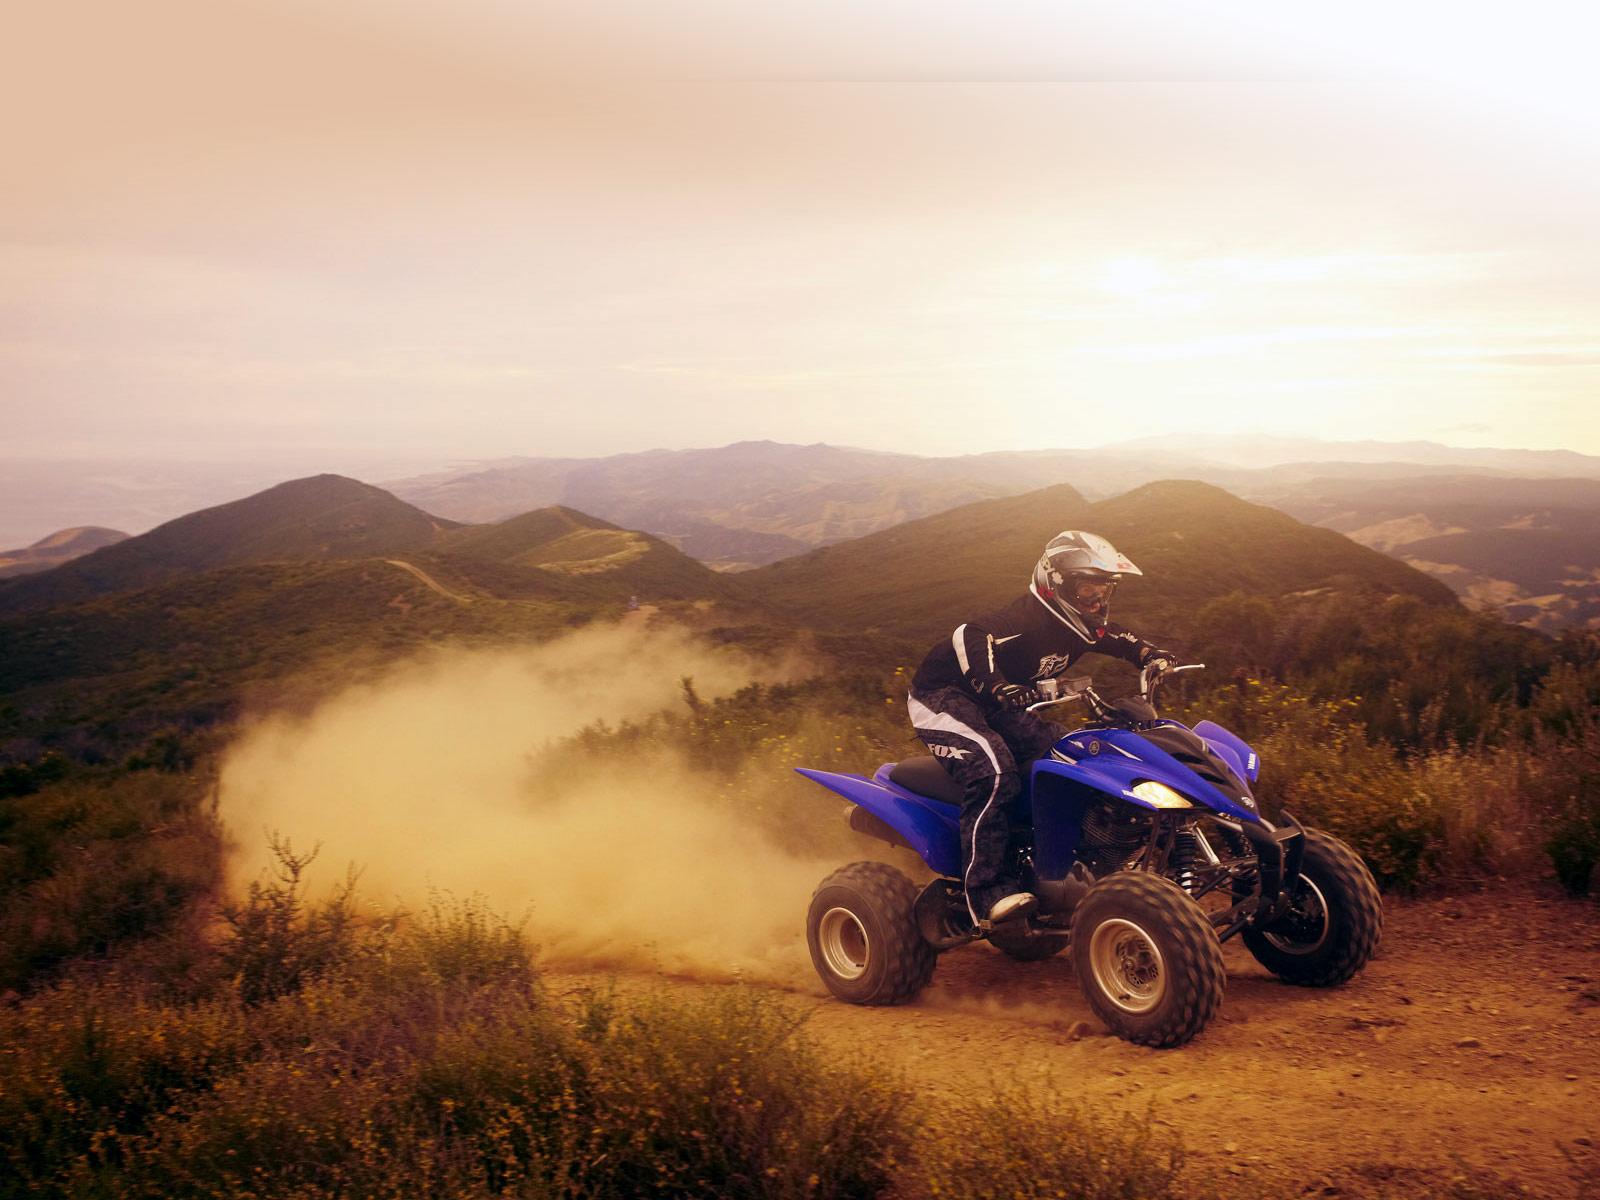 http://4.bp.blogspot.com/-Tnvh3oUDG68/TWeEKbB5OnI/AAAAAAAAA2A/o4ad56fbAVc/s1600/2011_Yamaha_Raptor_350_ATV-pictures_2.jpg